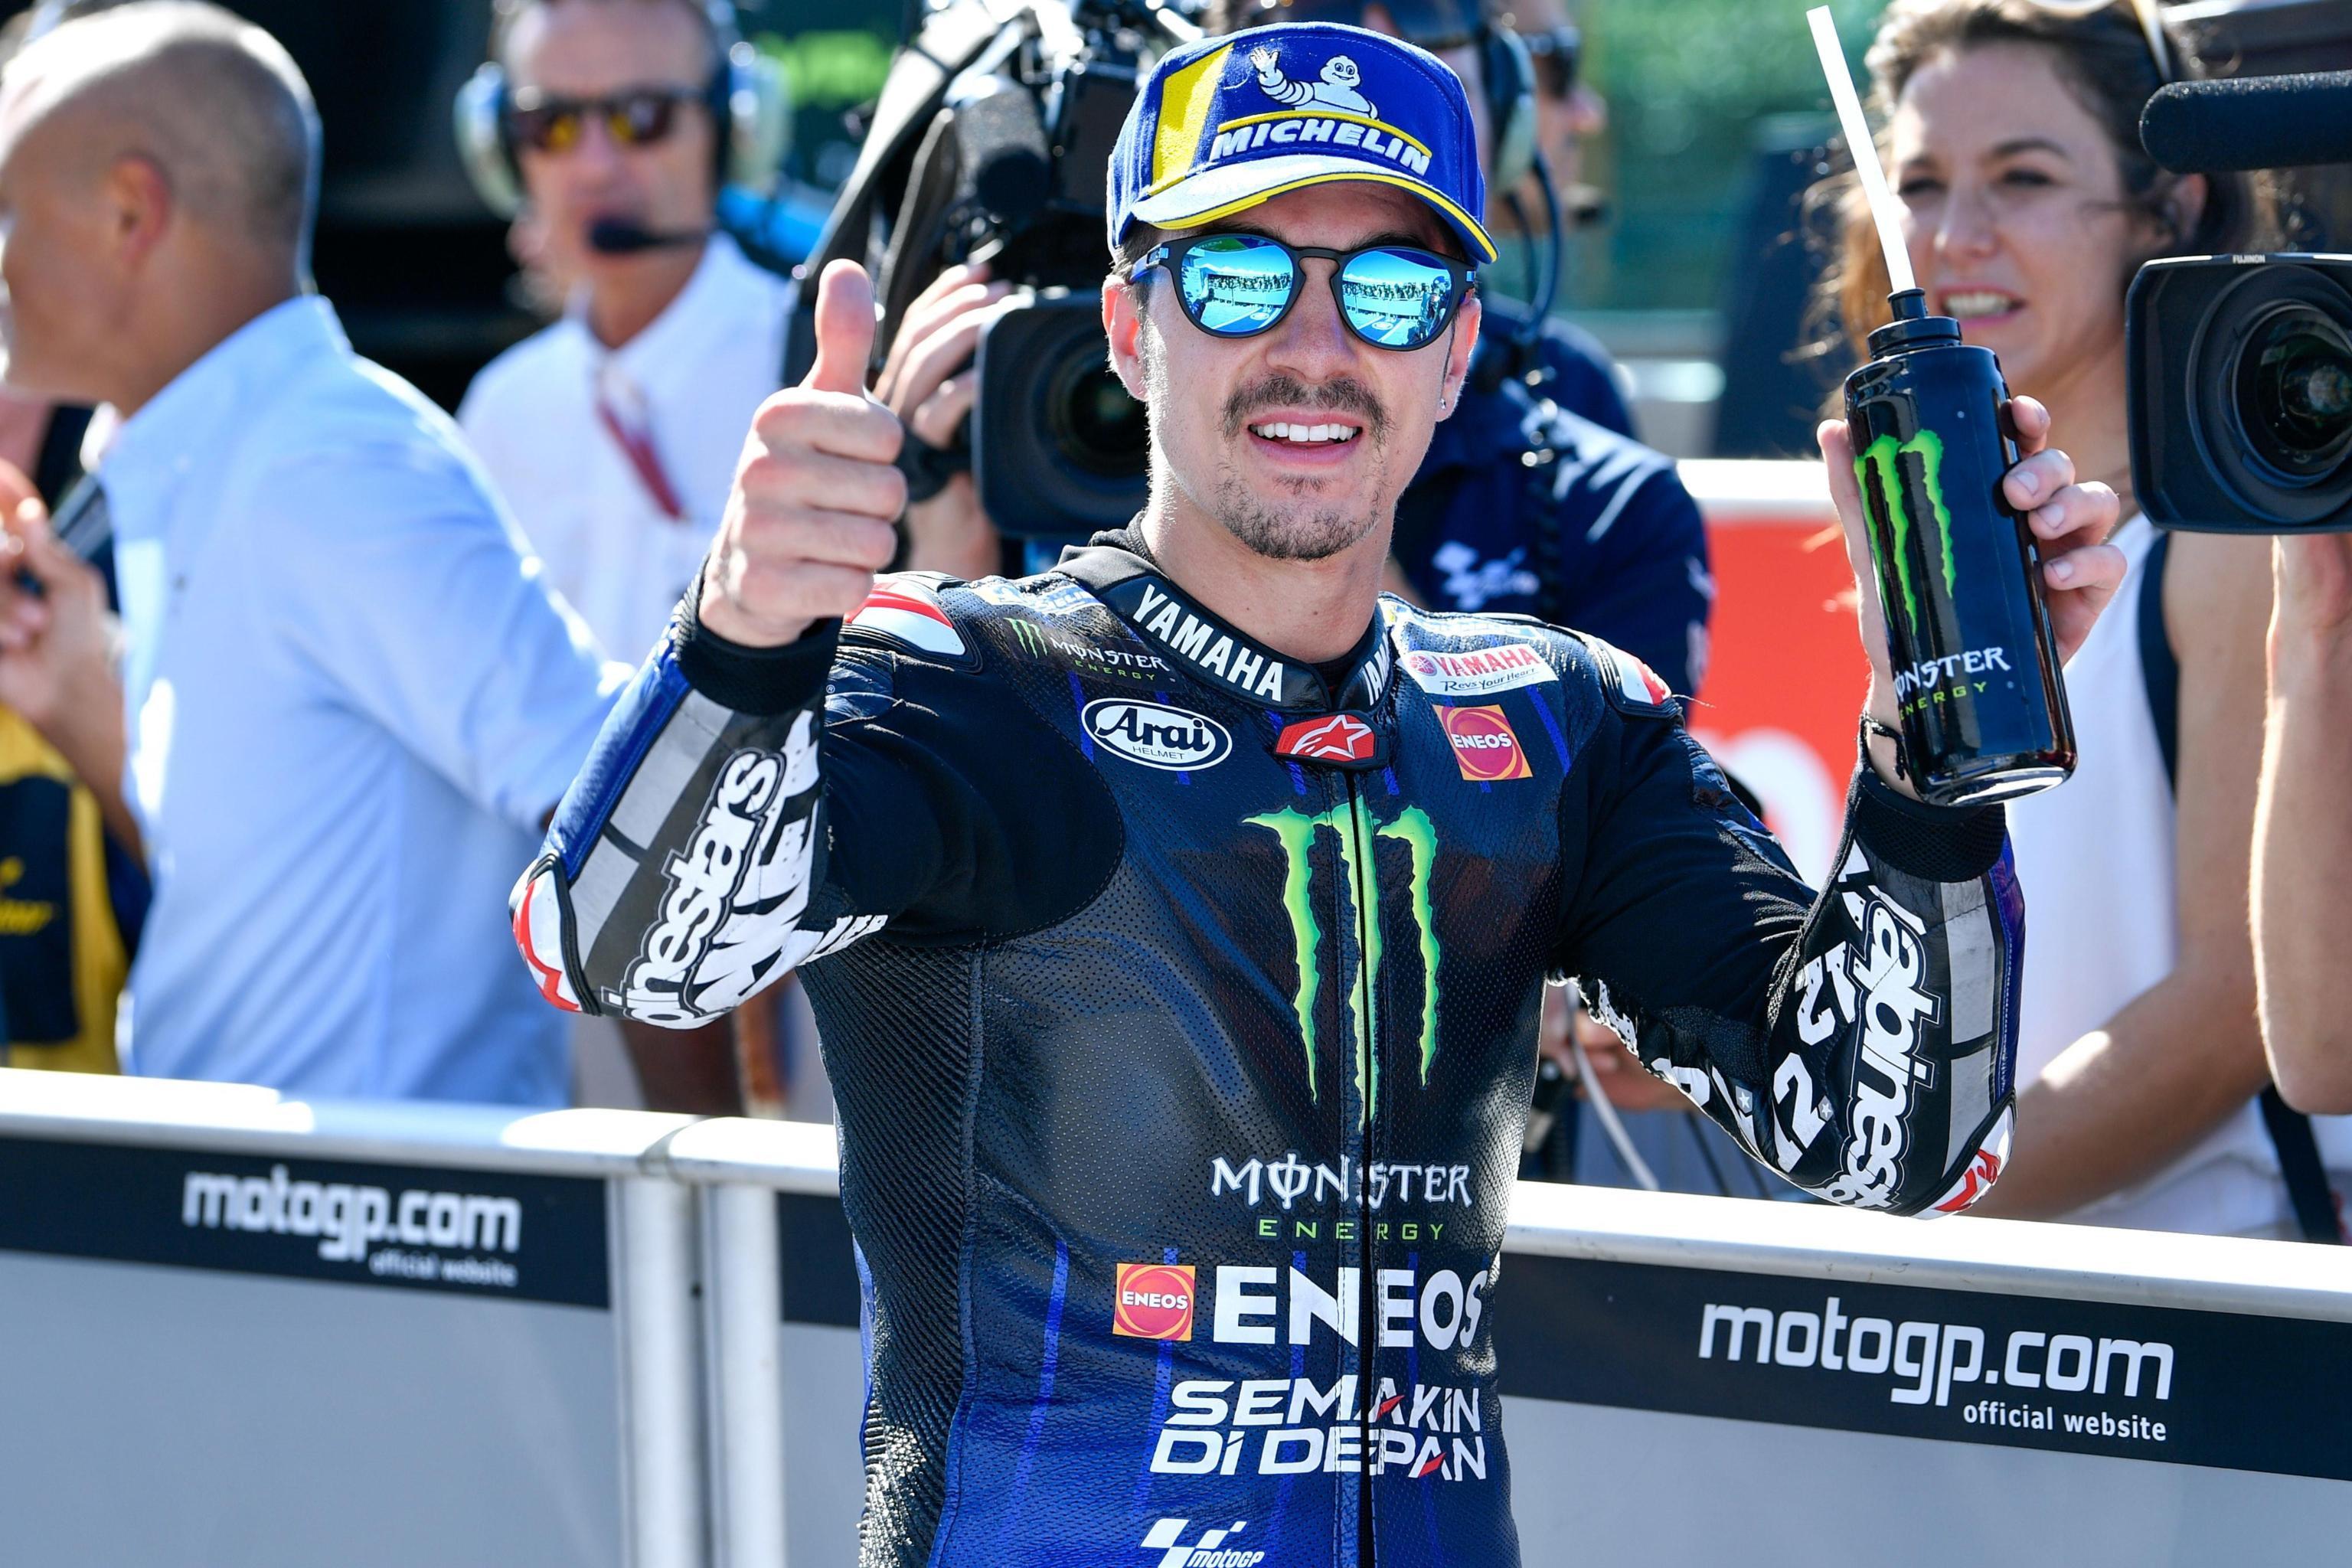 Lo spagnolo della Yamaha scatterà in pole nel GP di San Marino, 6° Dovizioso, 7° Rossi